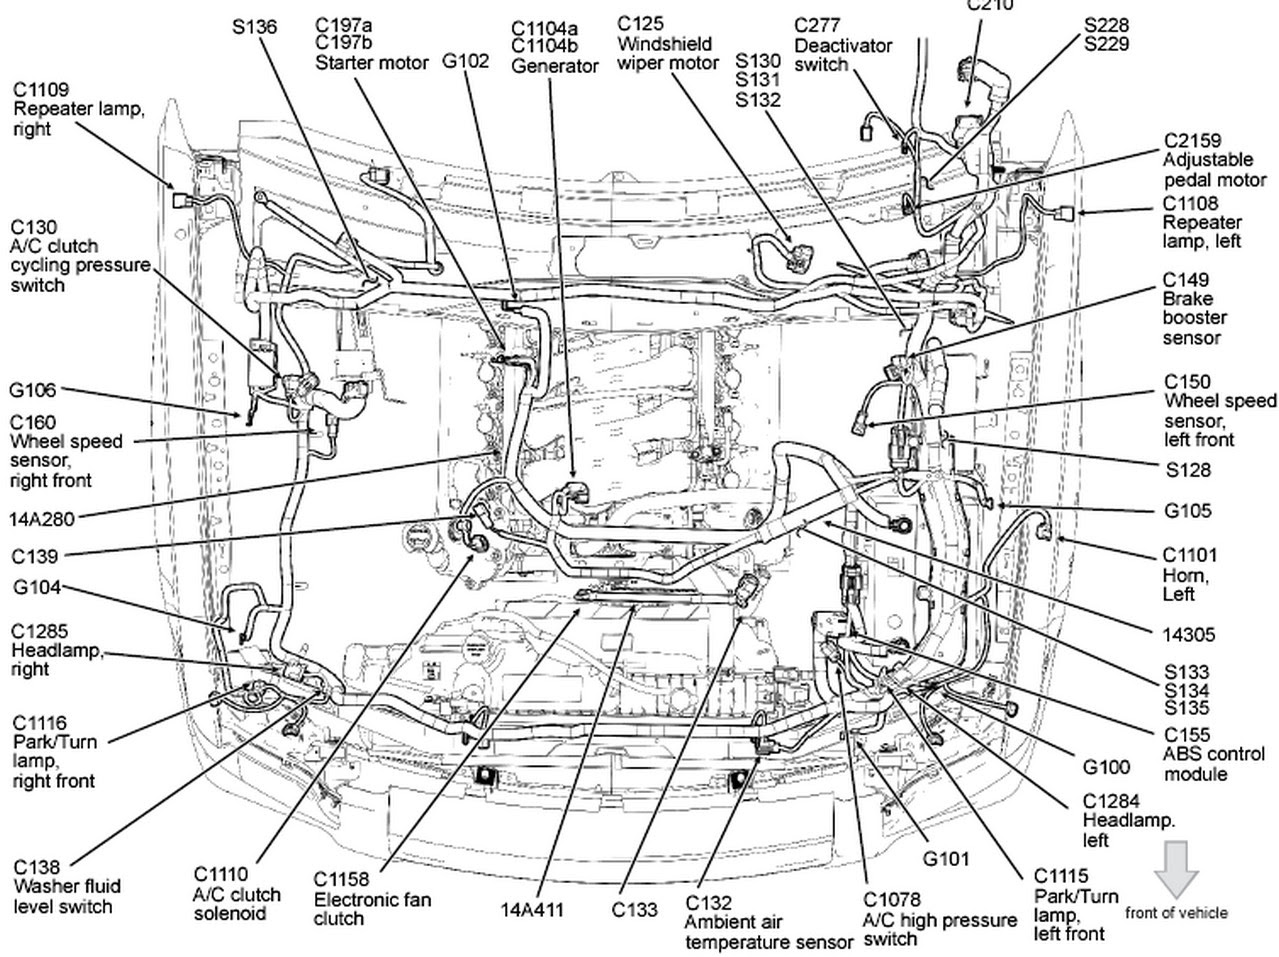 2002 explorer engine diagram encontr   manual ford explorer cylinder diagram  ford explorer cylinder diagram